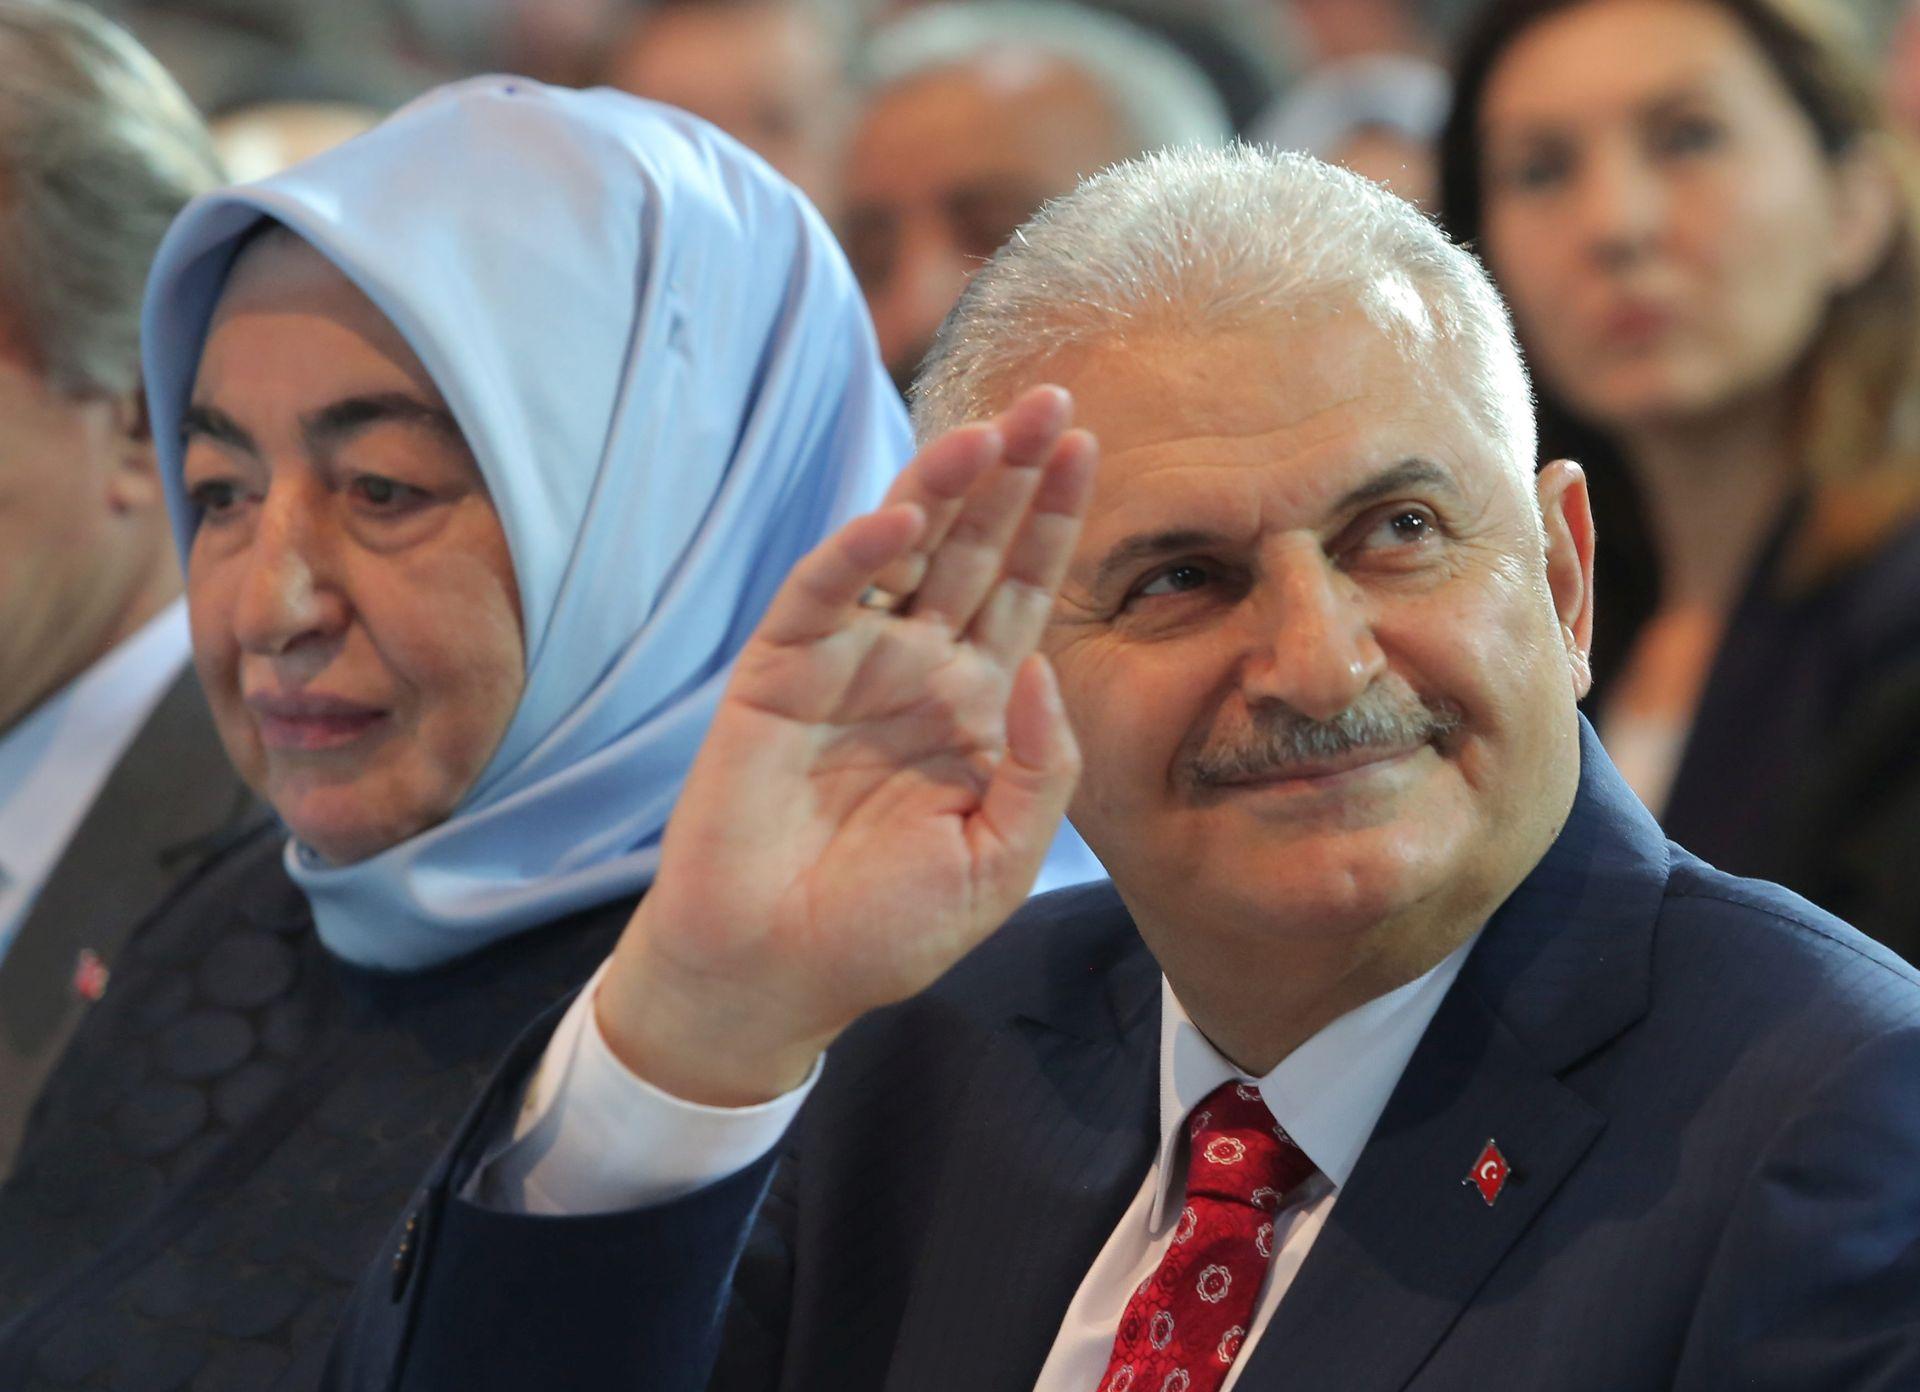 PROMJENE U SASTAVU: Novi turski premijer predstavio svoju vladu